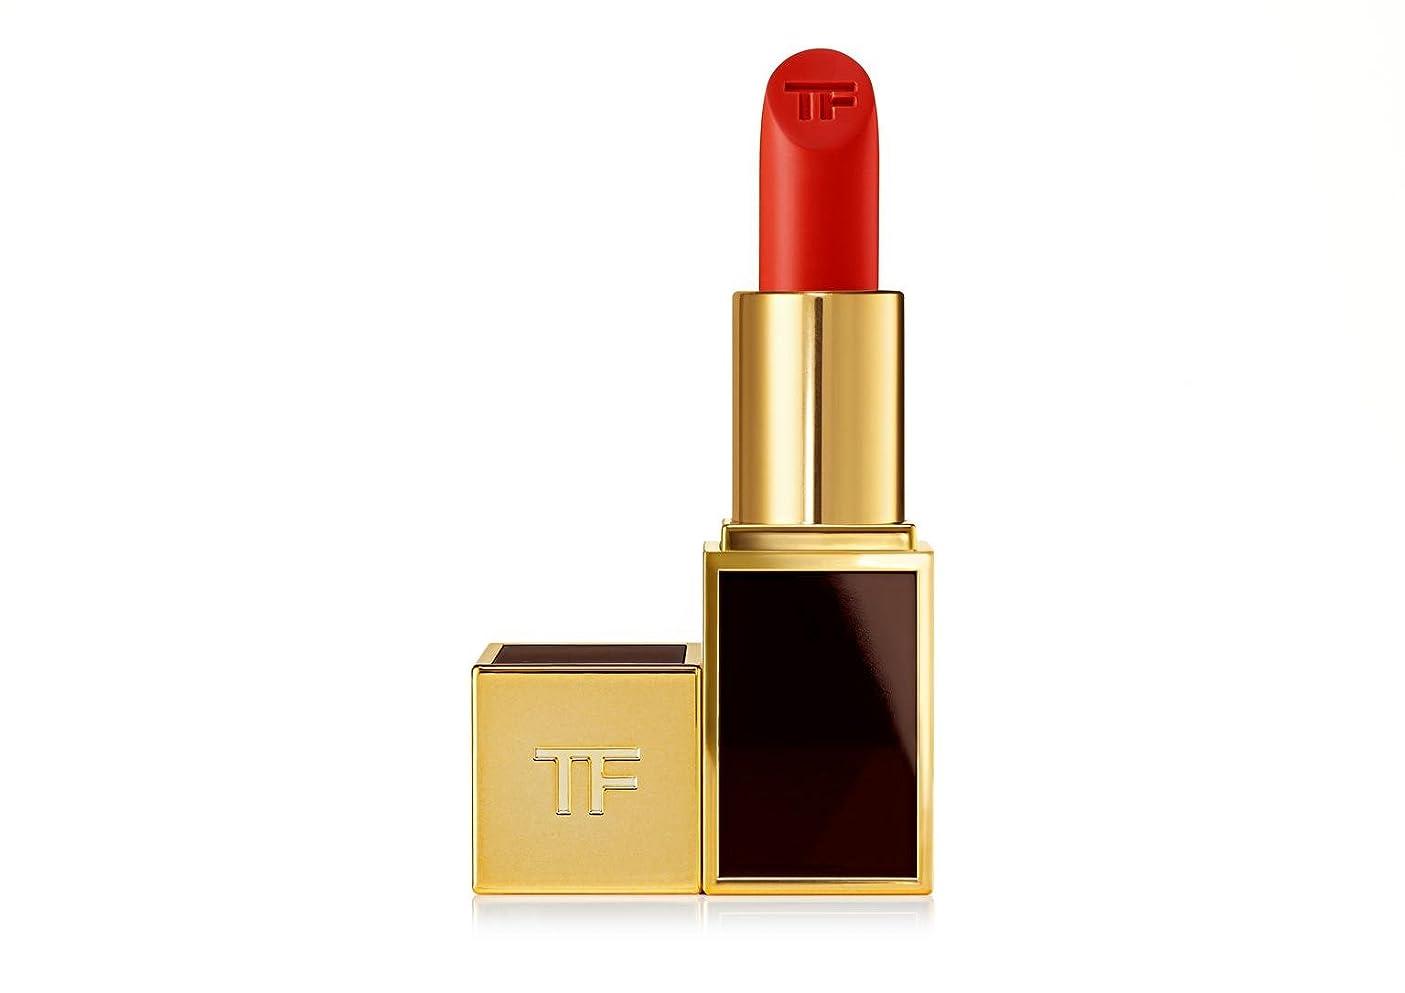 自由しゃがむ食欲トムフォード リップス アンド ボーイズ 7 コーラル リップカラー 口紅 Tom Ford Lipstick 7 CORALS Lip Color Lips and Boys (Cristiano クリスティアーノ) [並行輸入品]